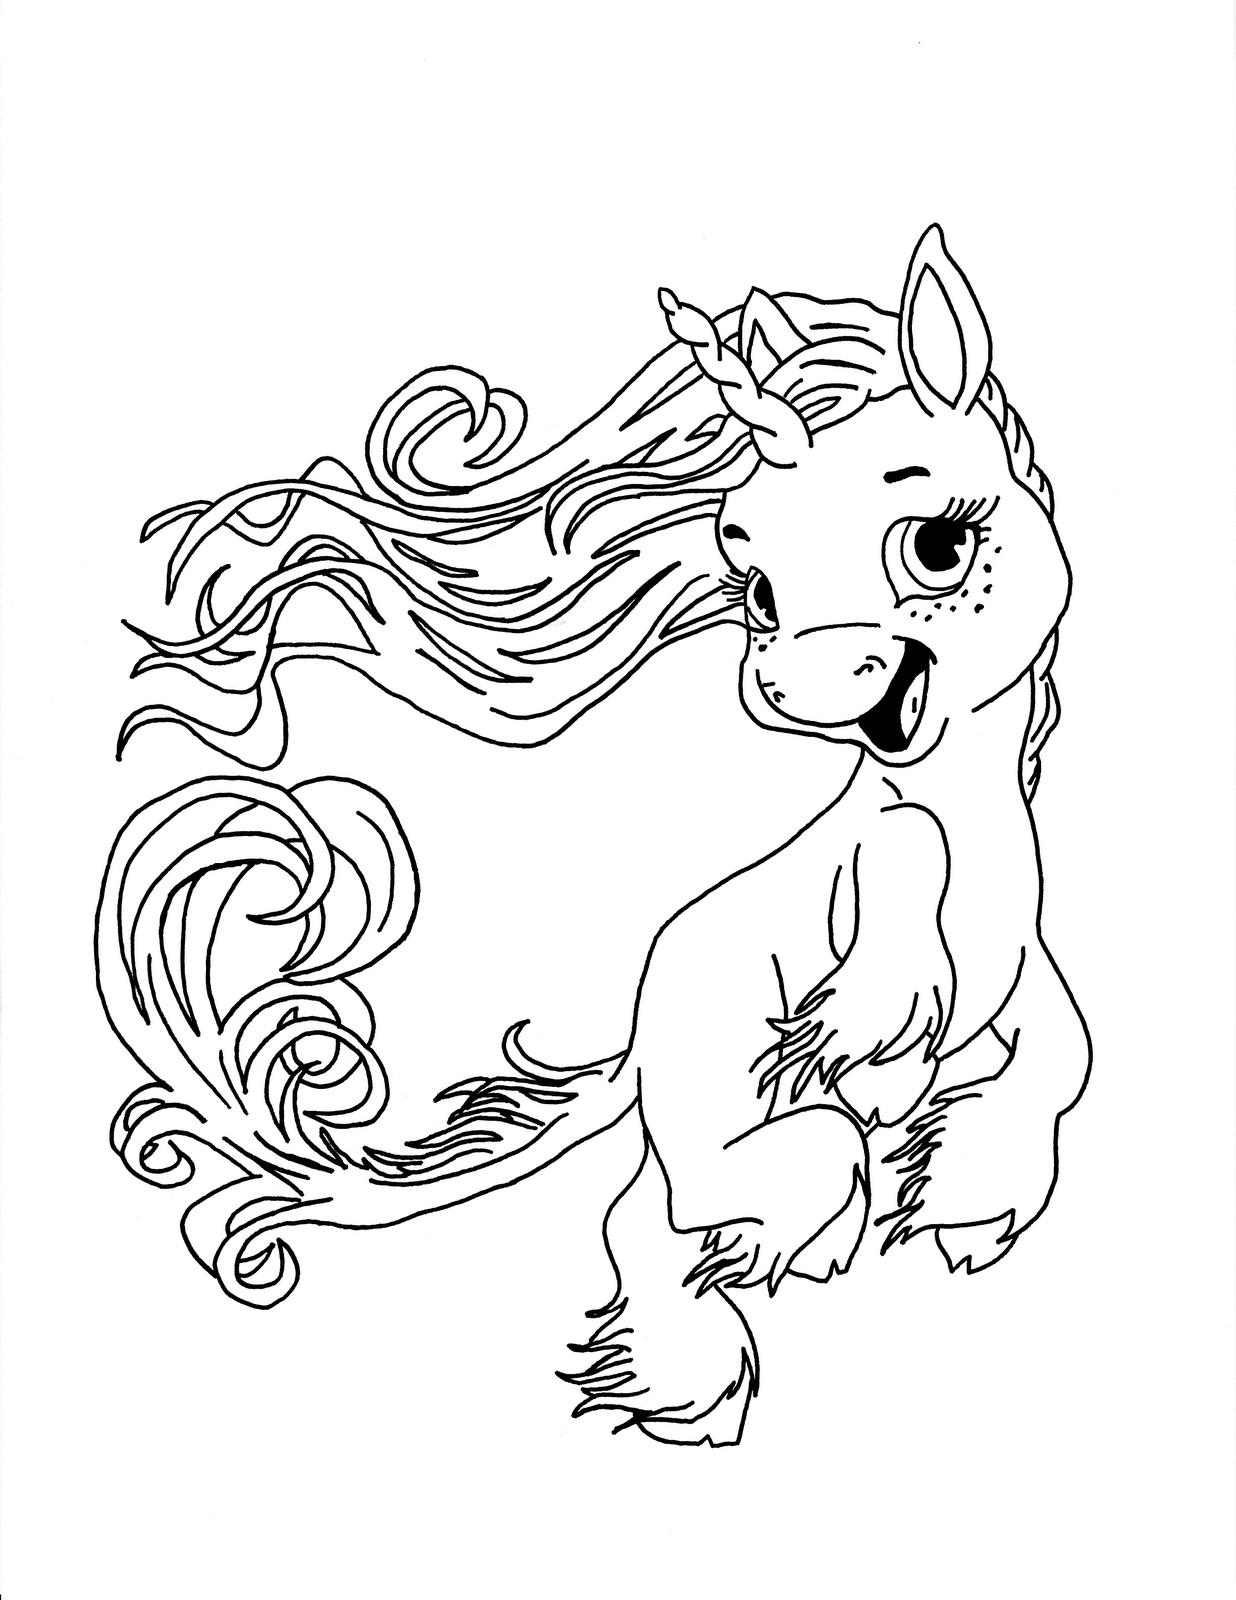 Baby Unicorn- Image 2